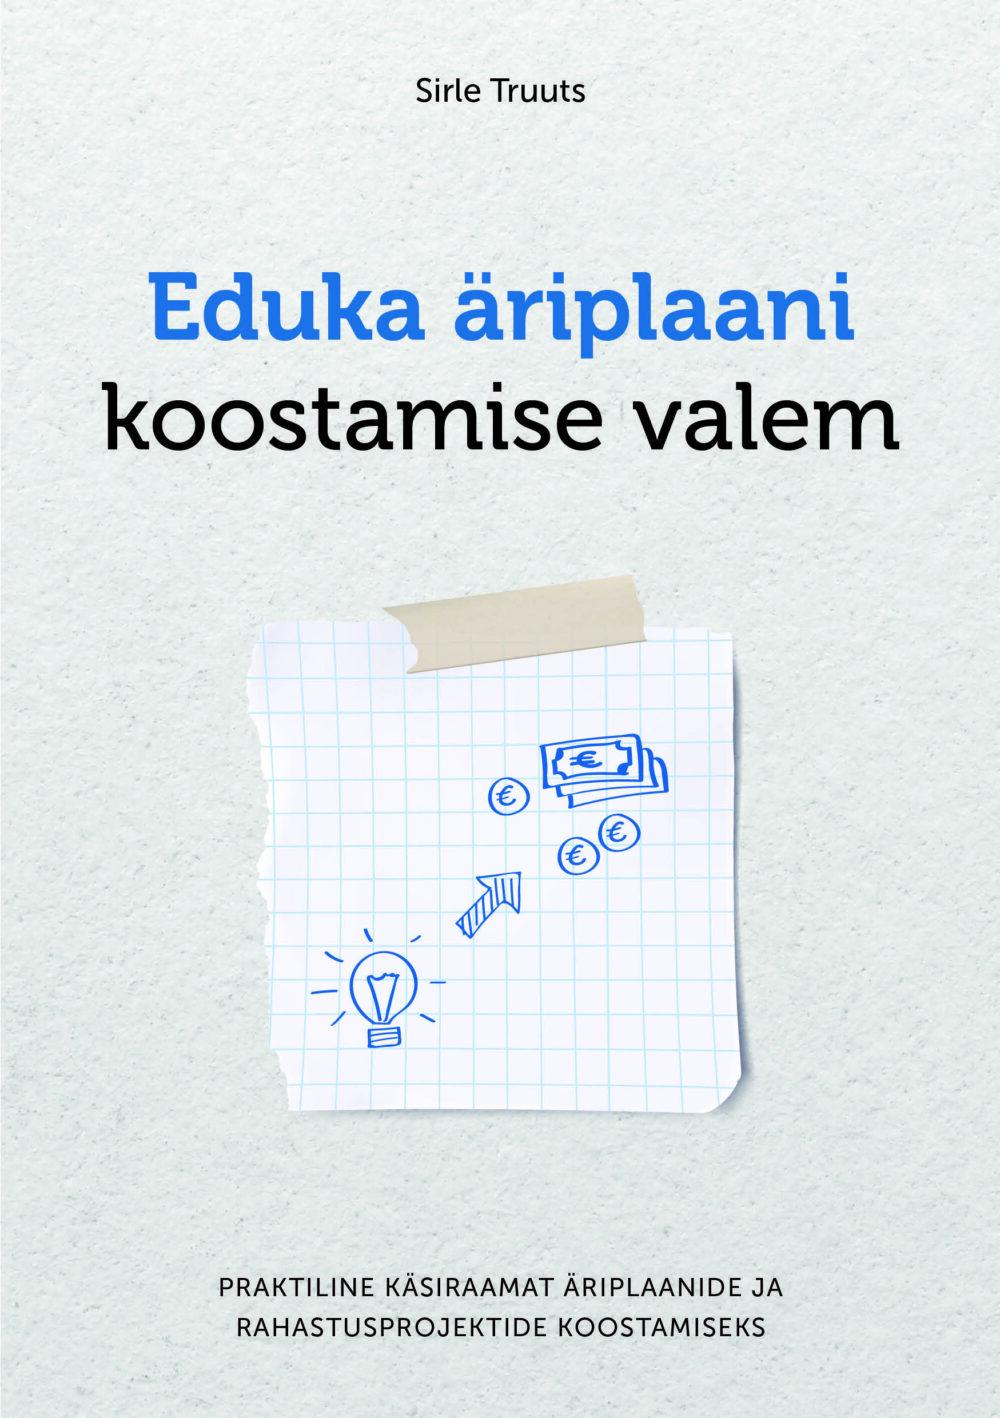 äriplaani koostamine, edukas äriplaan, äriplaani näidis, äriplaani koostamine